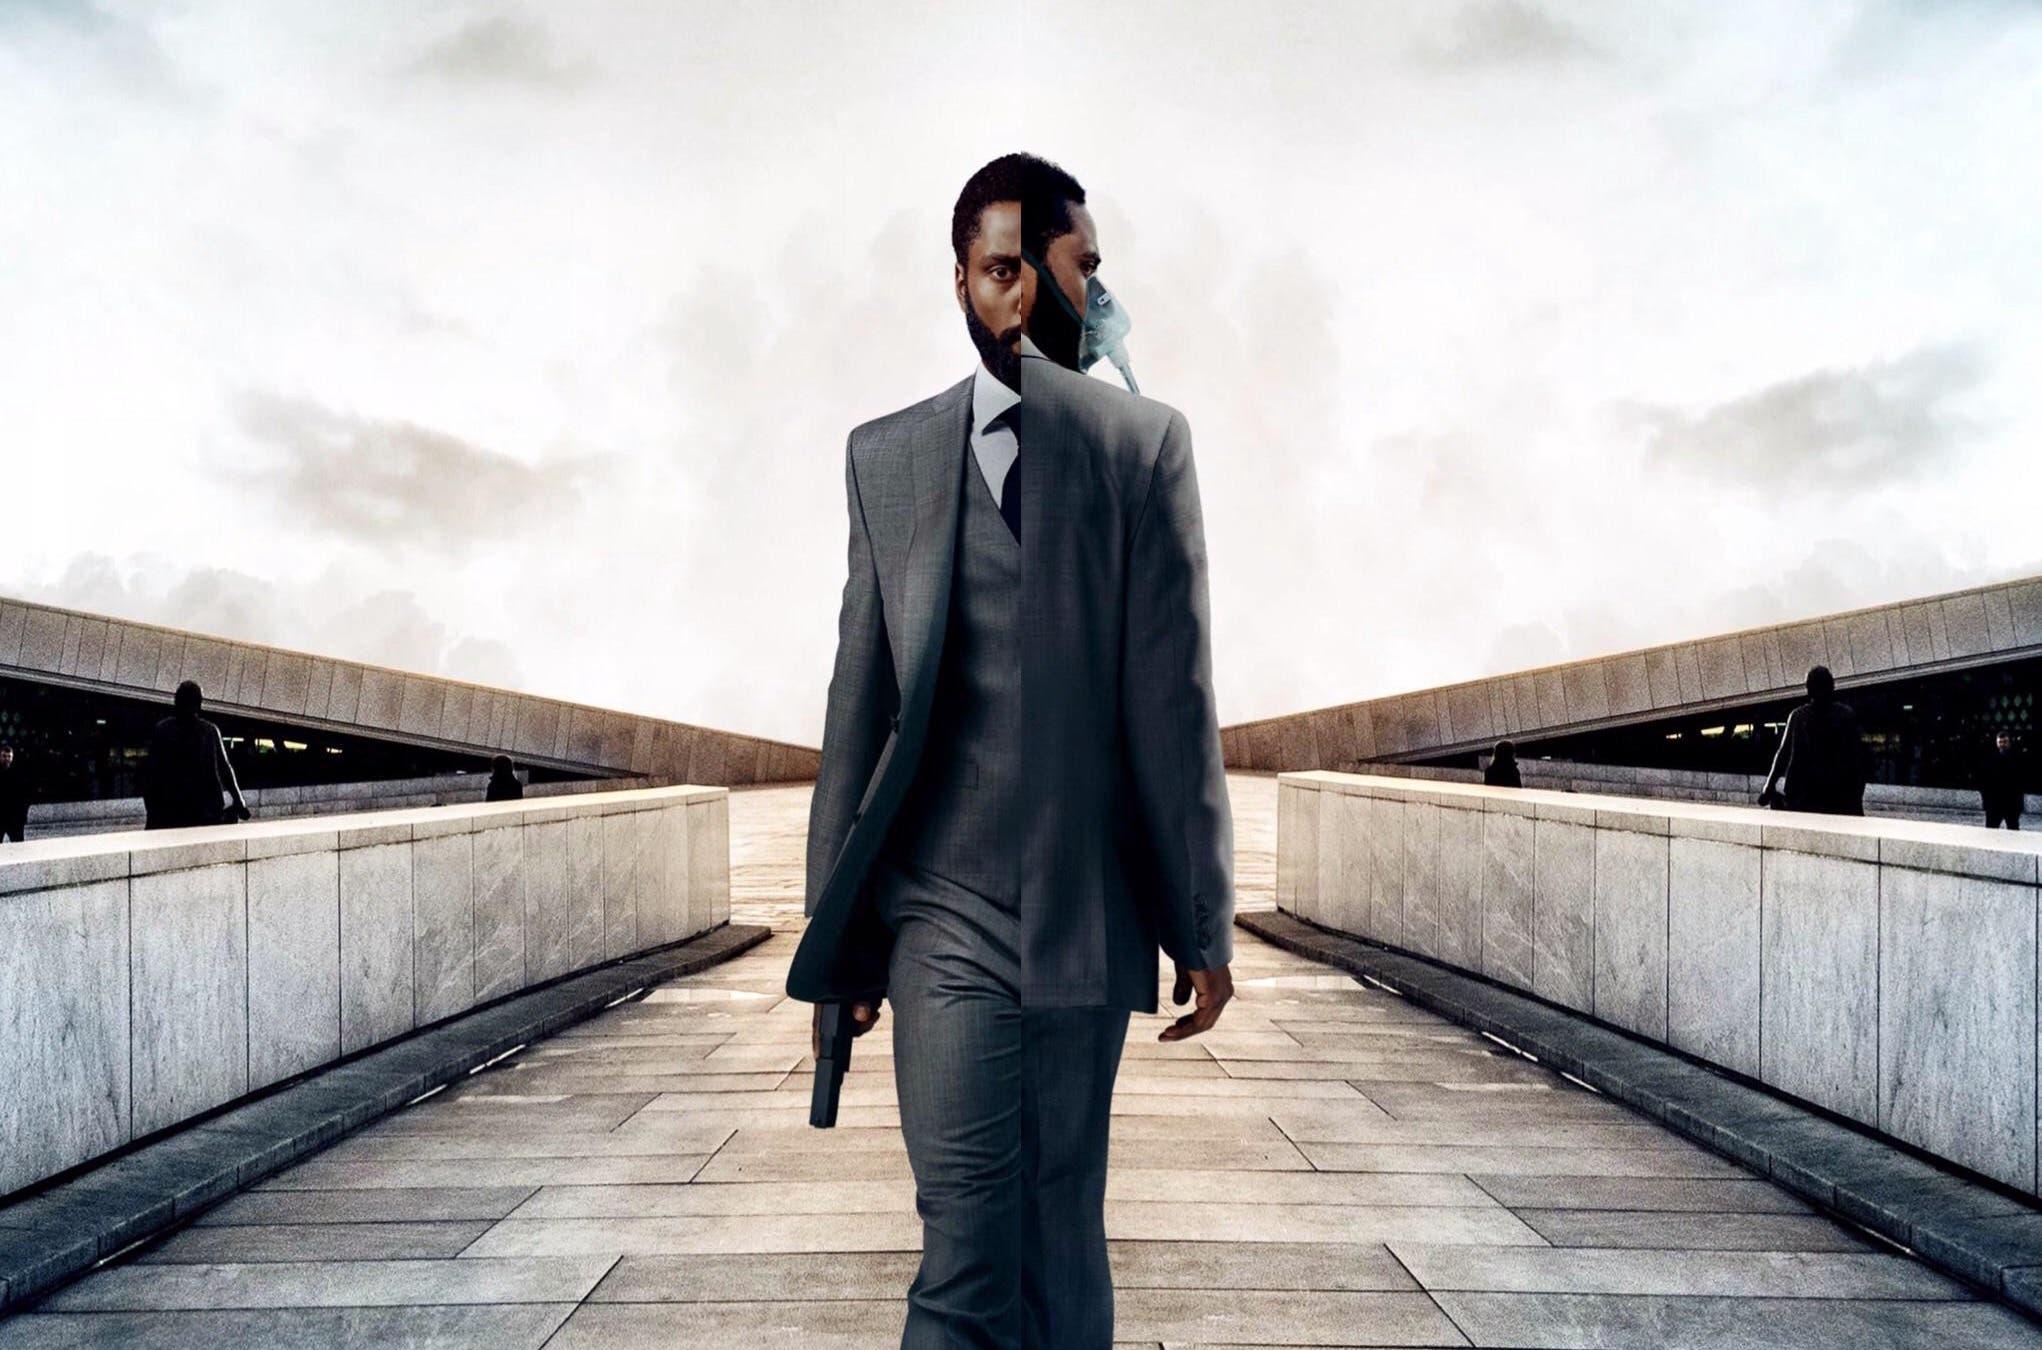 imagen de Tenet, película de Christopher Nolan